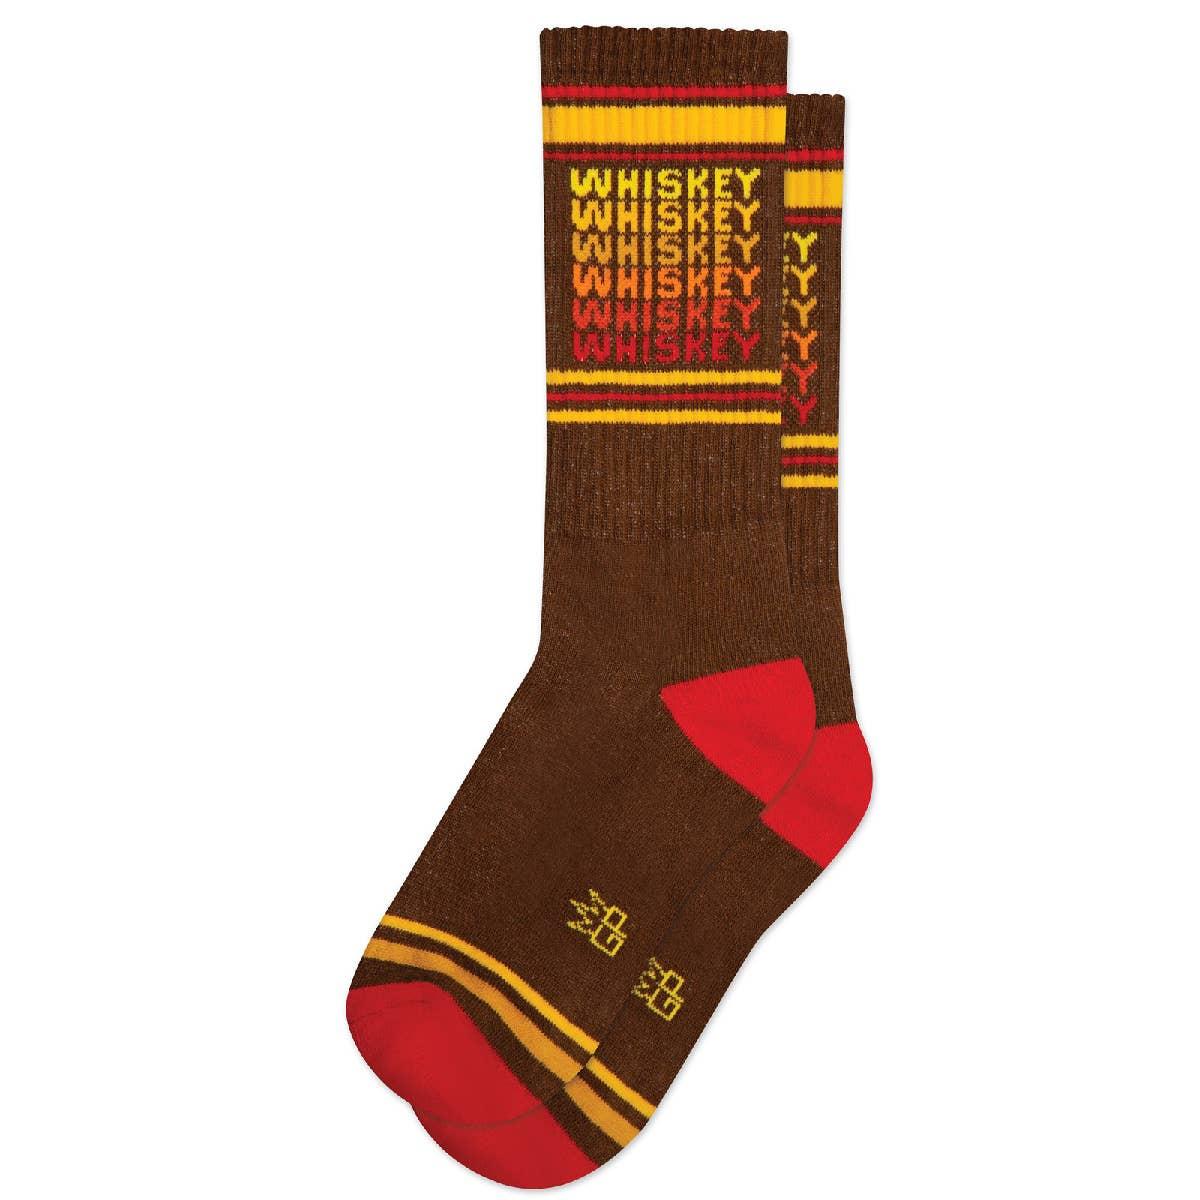 Whiskey Socks